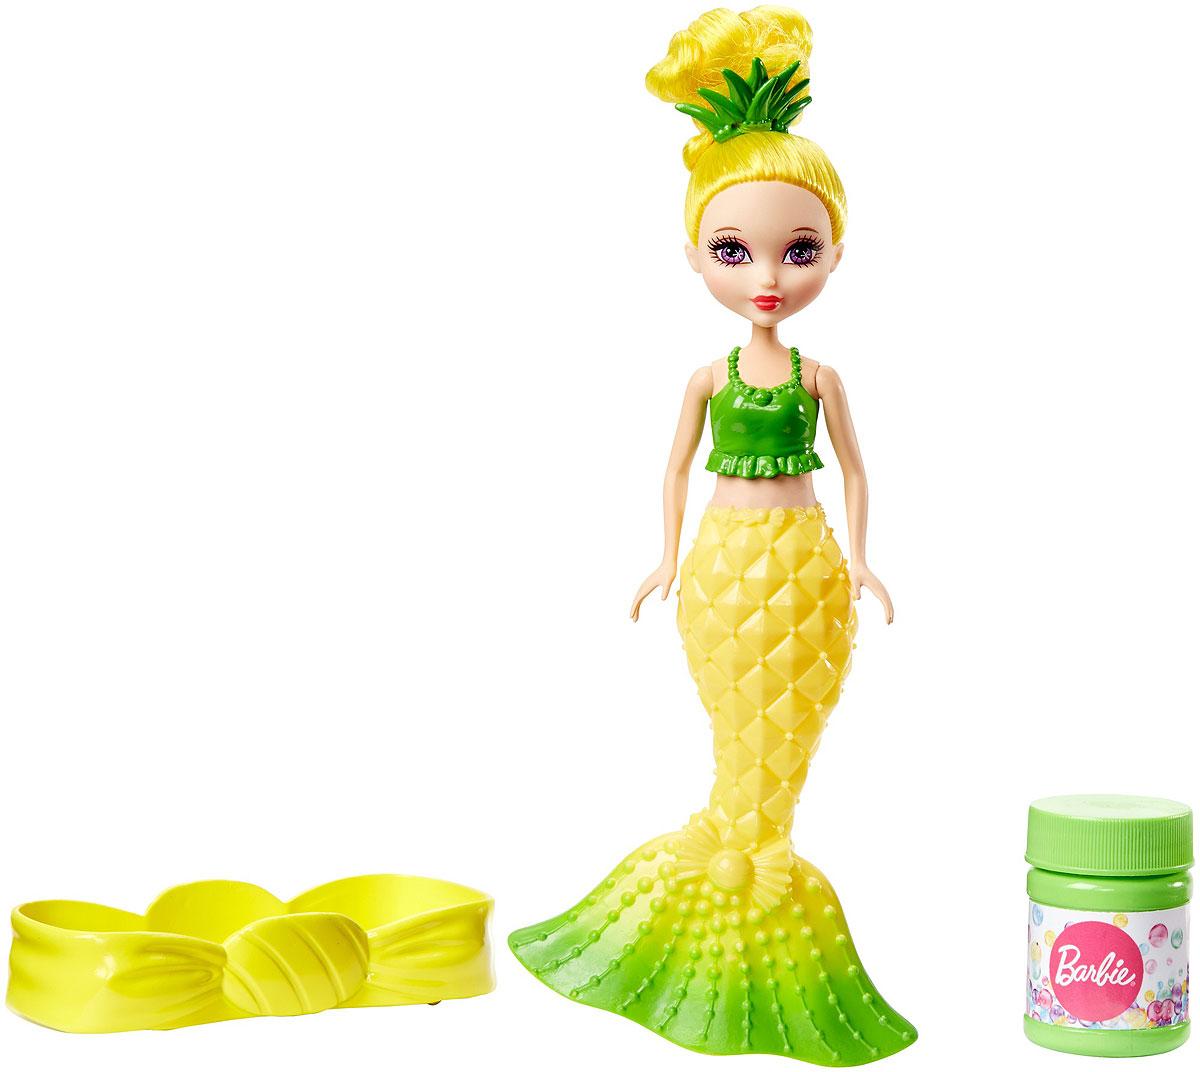 Barbie Мини-кукла Русалочка Ананас с мыльными пузырькамиDVM97_DVM99Мини-кукла Barbie Русалочка. Ананас предстает в образе прекрасной принцессы-русалки, повелительницы морских глубин. Высокую прическу куколки украшает заколка в виде листьев ананаса. Кукла в пластиковым топе зеленого цвета с ярко-желтым хвостом. Поверхность хвоста русалки декорирована рисунком под ананас. Кукла-русалка умеет пускать пузыри из хвоста. Налейте мыльный раствор из баночки в комплекте в лоток, окуните в него хвост куклы, сожмите его и наслаждайтесь множеством радужных пузырей! Куколка выпускает пузыри с тропическим ананасовым ароматом. Ручки и голова у Барби подвижные. Ваша малышка с удовольствием будет играть с куколкой и радужными пузырьками, придумывая различные истории.